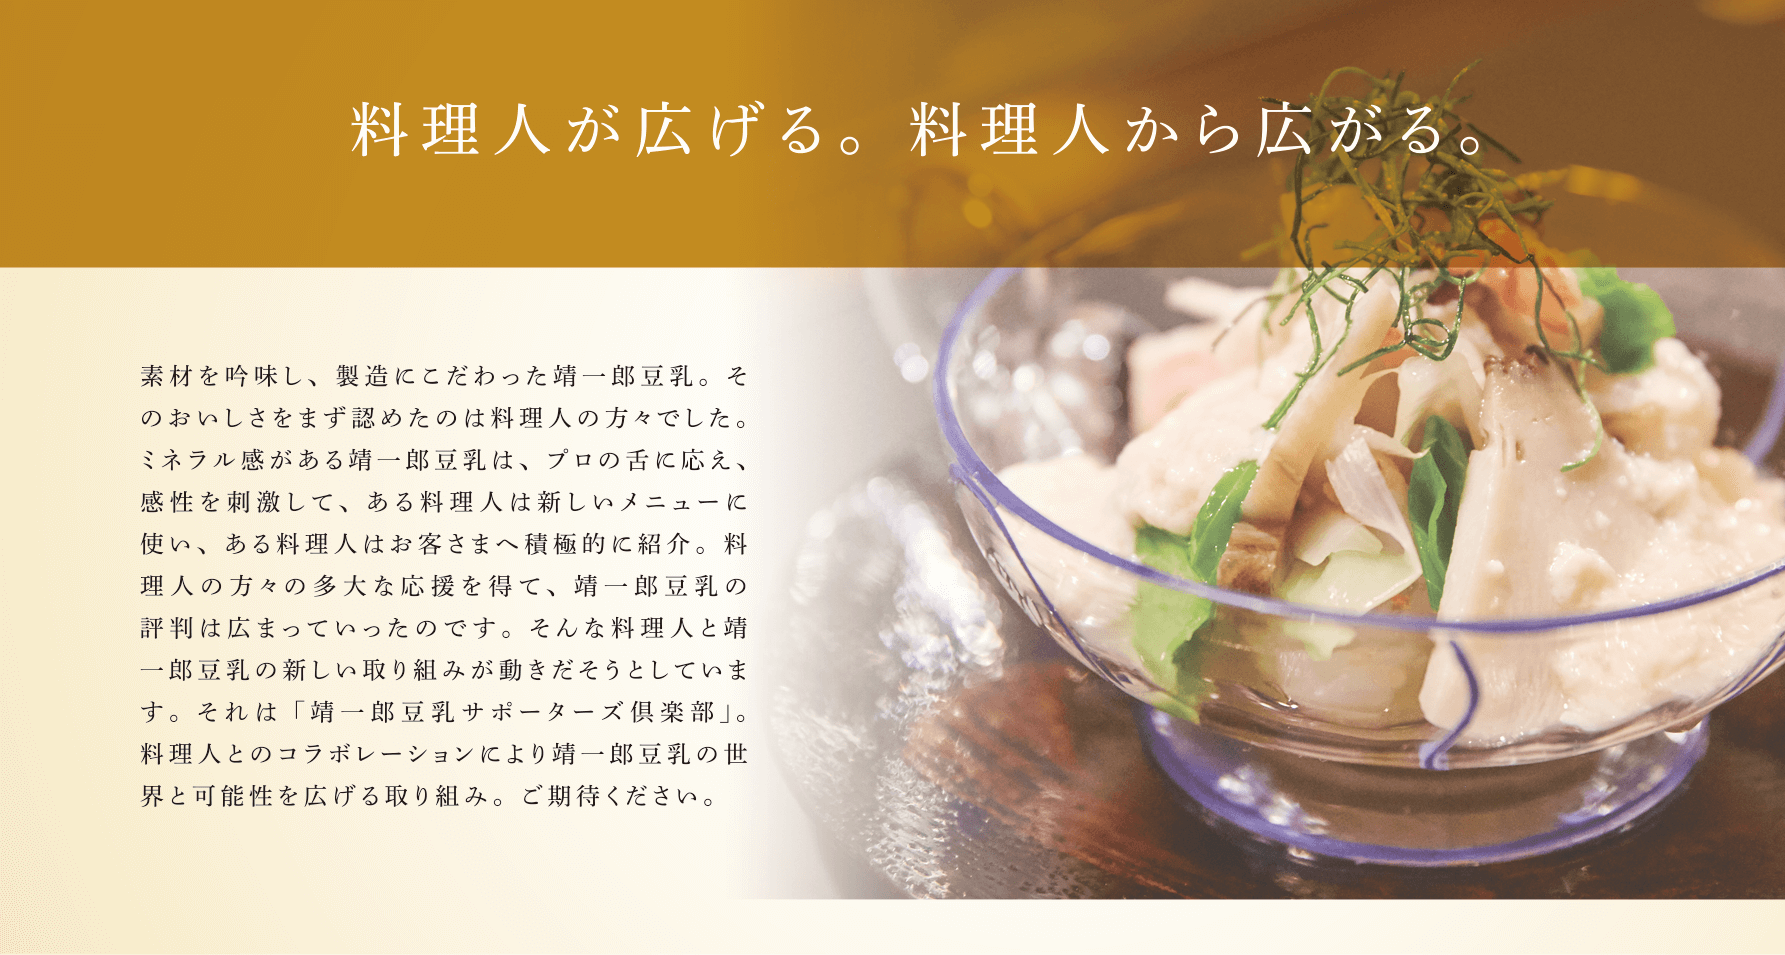 料理人が広げる。料理人から広がる。素材を吟味し、製造にこだわった靖一郎豆乳。そのおいしさをまず認めたのは料理人の方々でした。ミネラル感がある靖一郎豆乳は、プロの舌に応え、感性を刺激して、ある料理人は新しいメニューに使い、ある料理人はお客さまへ積極的に紹介。料理人の方々の多大な応援を得て、靖一郎豆乳の評判は広まっていったのです。そんな料理人と靖一郎豆乳の新しい取り組みが動きだそうとしています。それは「靖一郎豆乳サポーターズ倶楽部」。料理人とのコラボレーションにより靖一郎豆乳の世界と可能性を広げる取り組み。ご期待ください。